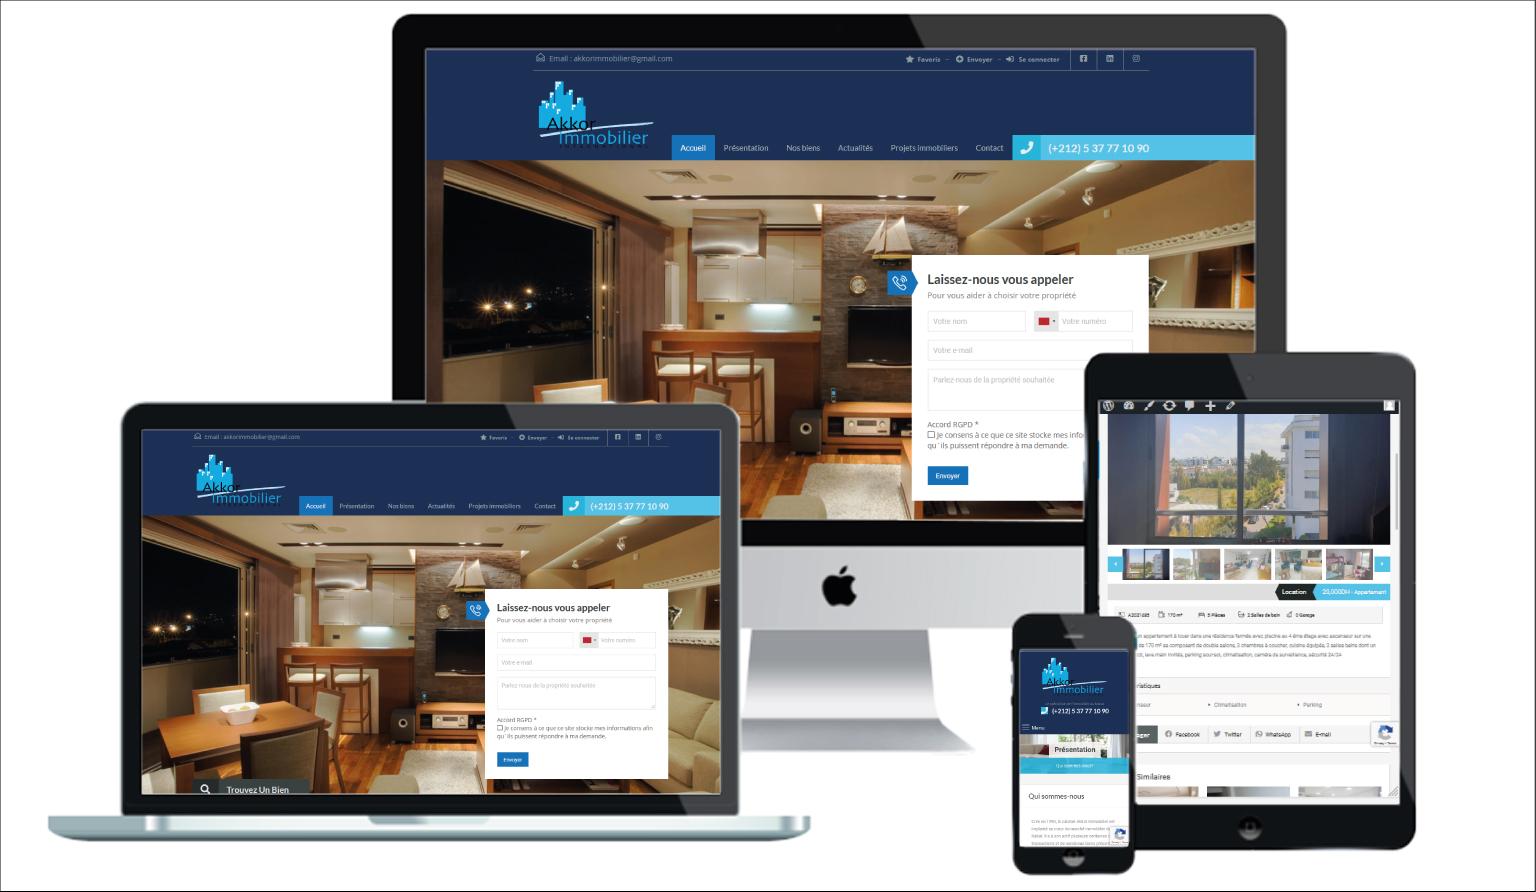 www.akkor-immobilier.com